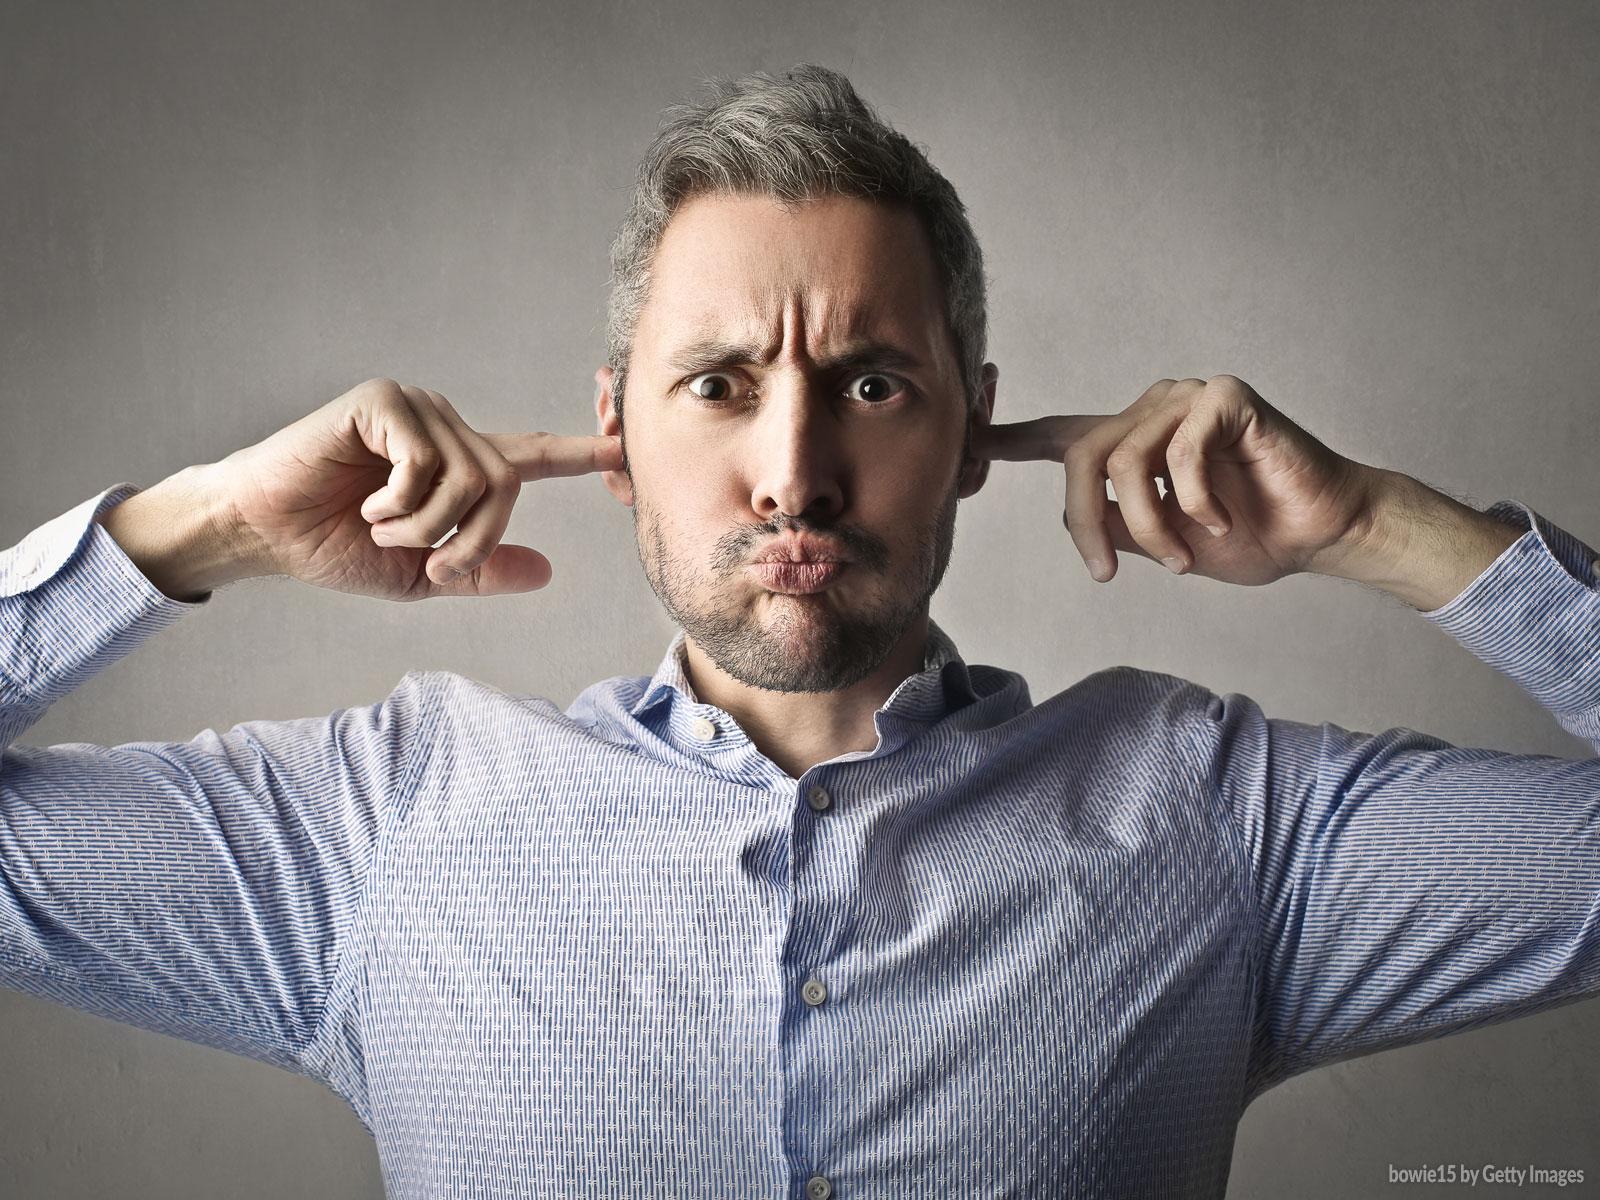 -As-teimosias-são-construtivas-ou-prejudiciais-para-a-sociedade?-